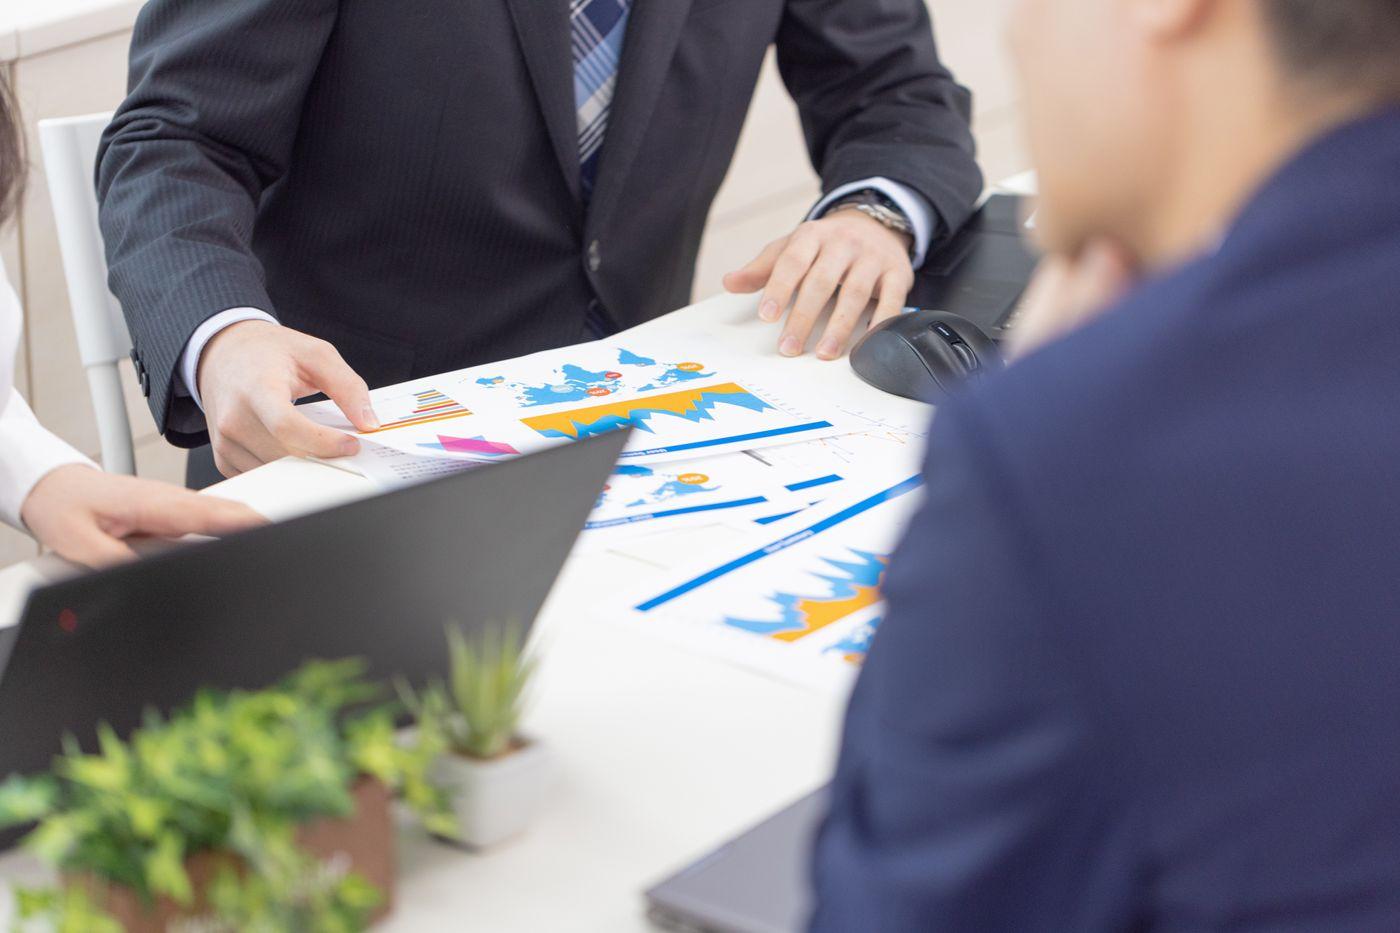 印刷された資料を確認するビジネスマンの写真